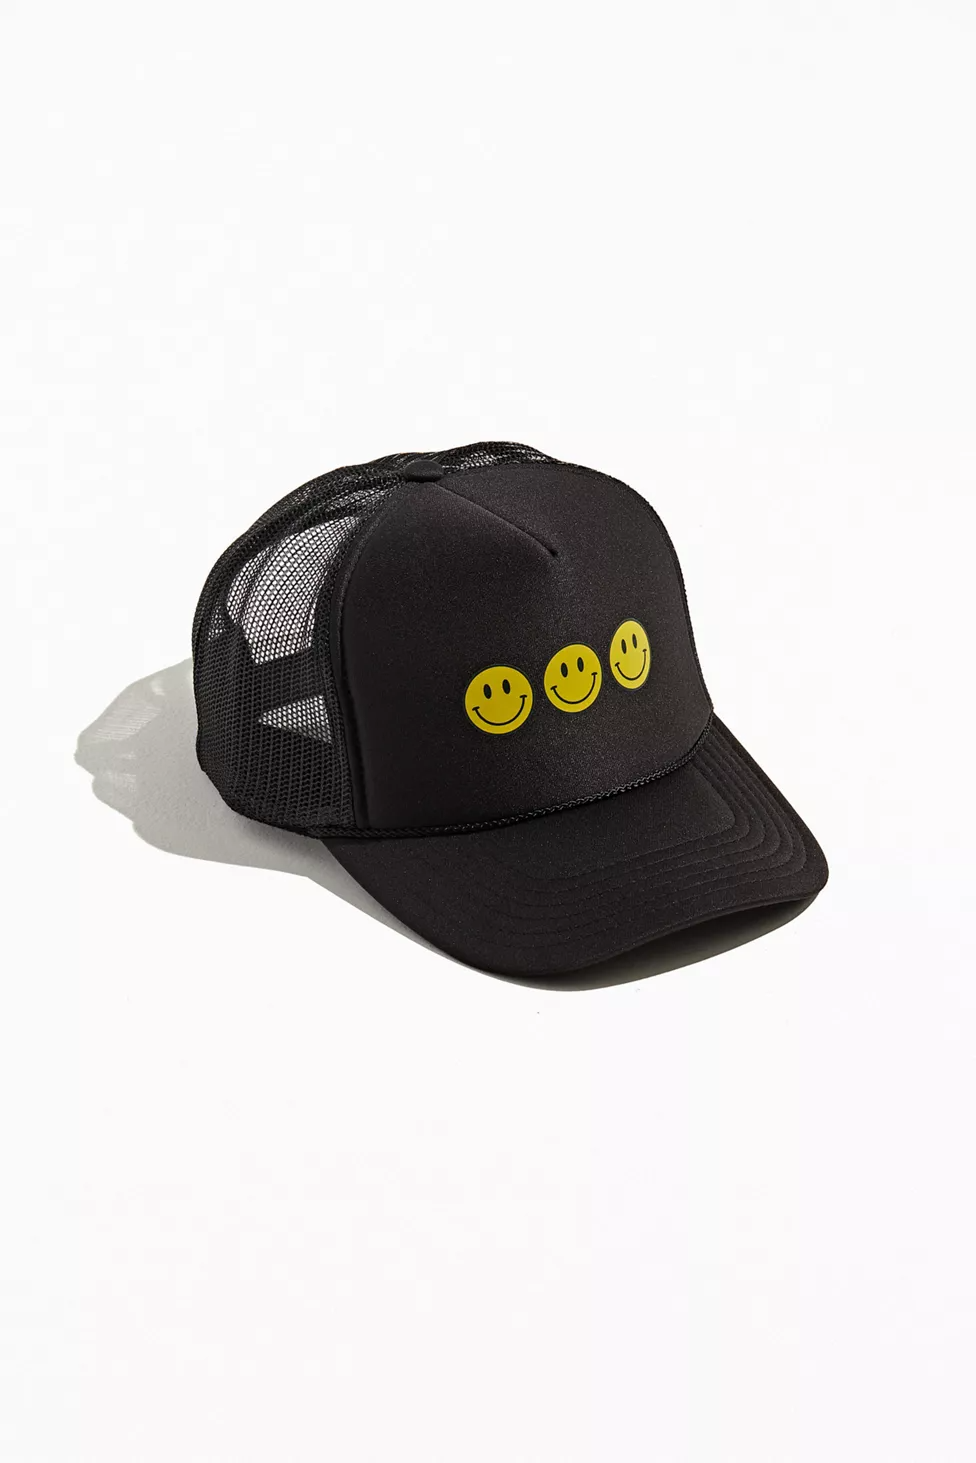 Triple Smiley Trucker Hat In 2021 Trucker Hat Mens Trucker Hat Trucker